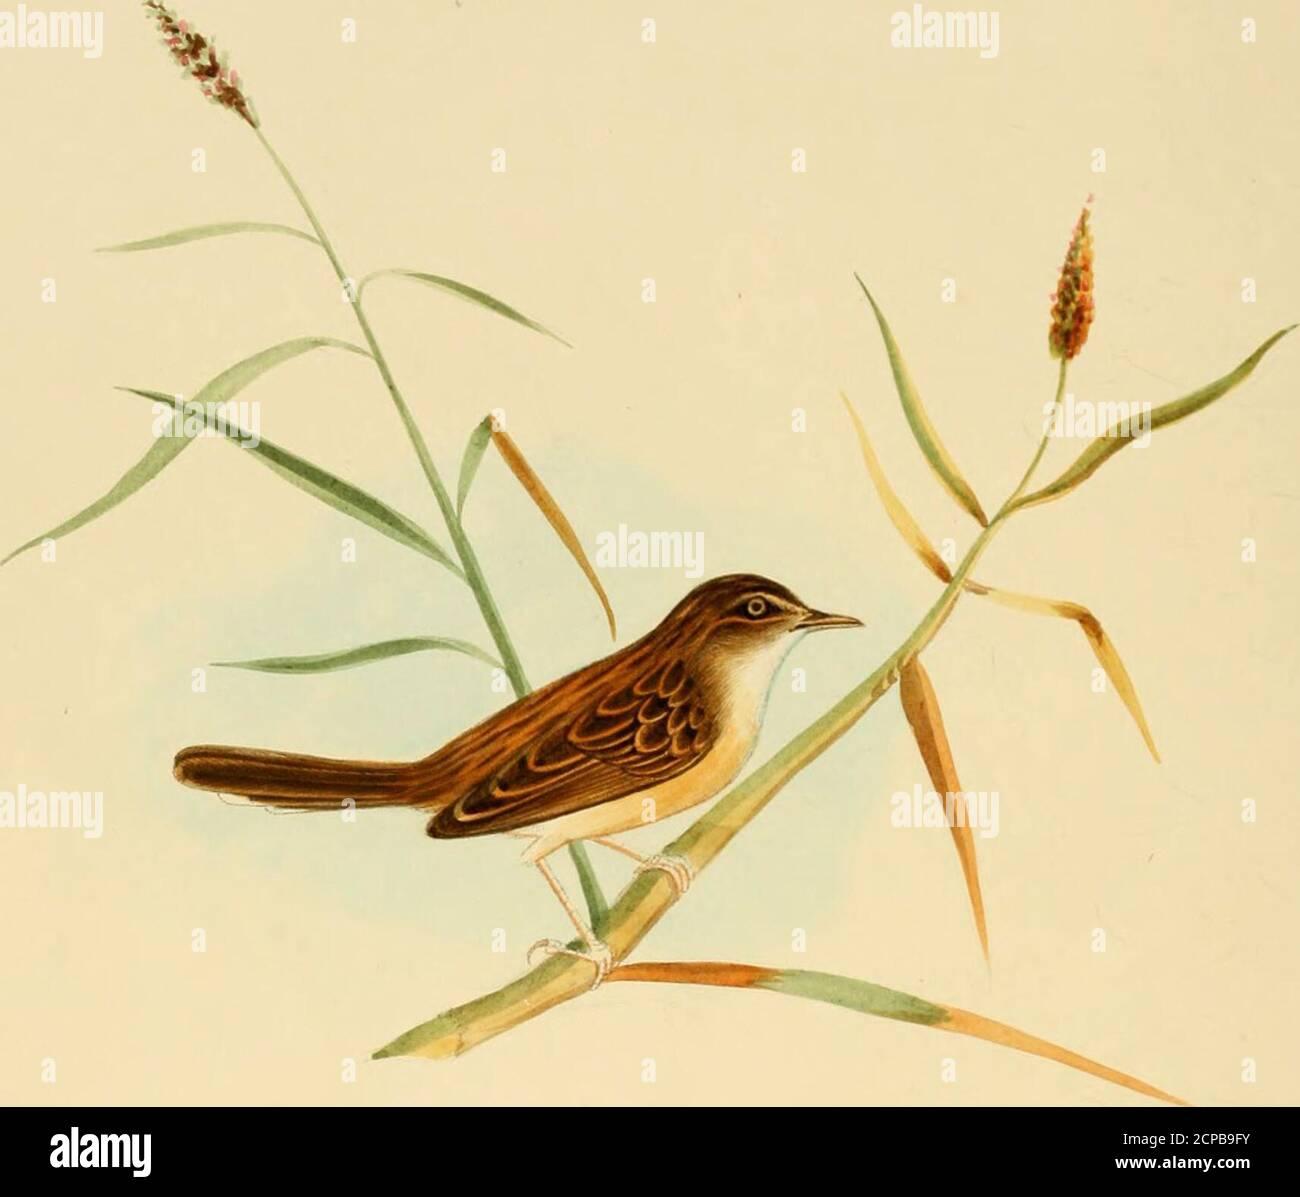 . Ilustraciones de ornitología India: Contiene cincuenta figuras de especies nuevas, no figuradas e interesantes de aves, principalmente del sur de la India. Parece pertenecer a Swainsons subgenusHemilophus. Parece parecerse muy de cerca al Picus lencogaster de Temminck, que Horsfield identifica con su P. Jacensis, siace llamado P. horsfieldii por Wagler. Sin embargo, en las descripciones de estas especies no encuentro ninguna mención de las visiblemente F Ilustraciones de Omithologtj indio ; espalda blanca. Sin embargo, el Sr. Blyth parece pensar que mi pájaro puede ser idéntico a lenco-gaster, como lo ha hecho Foto de stock